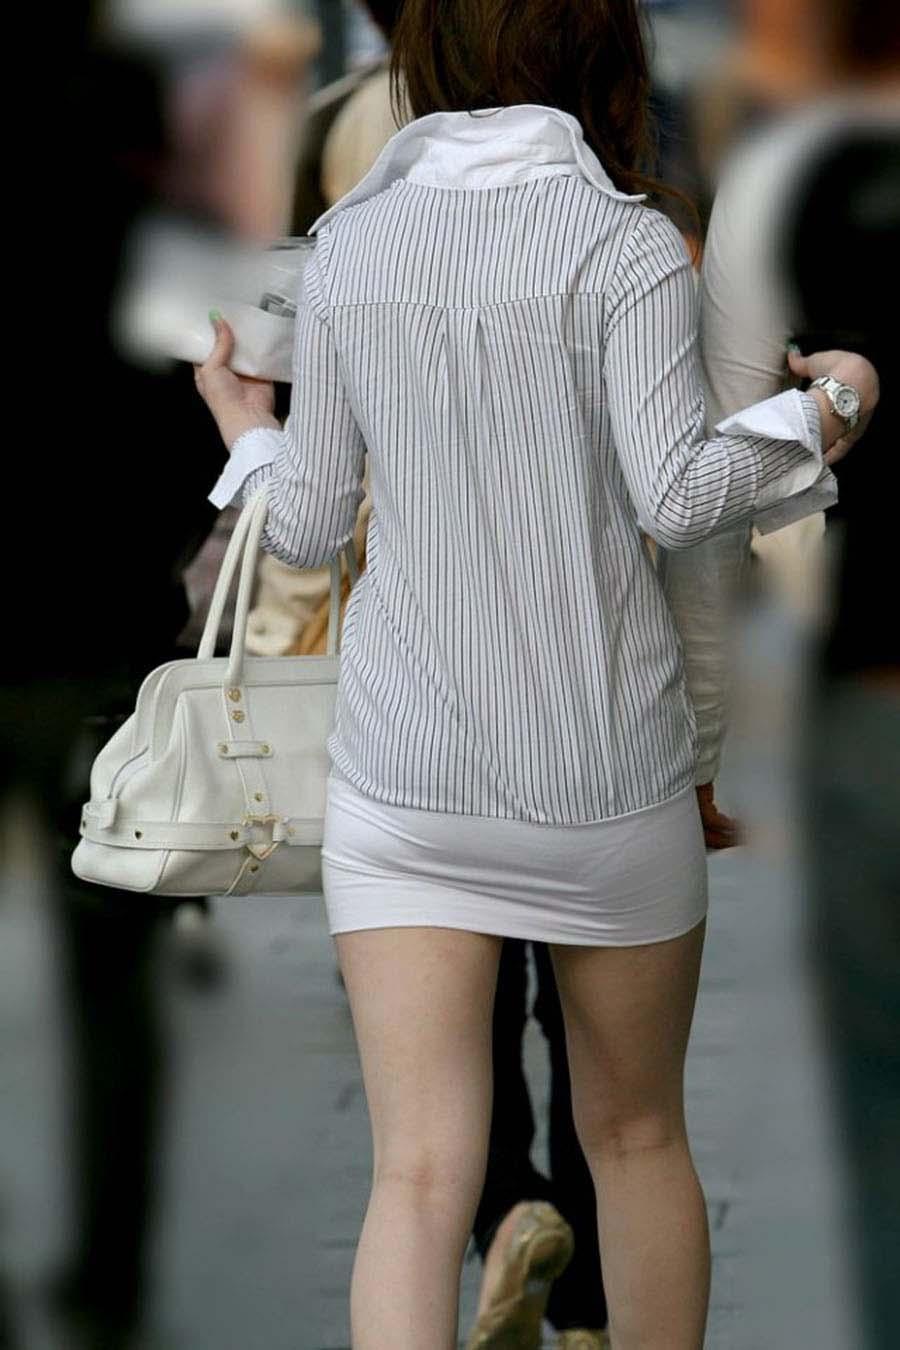 おパンツスッケスケ女子を街撮り-46